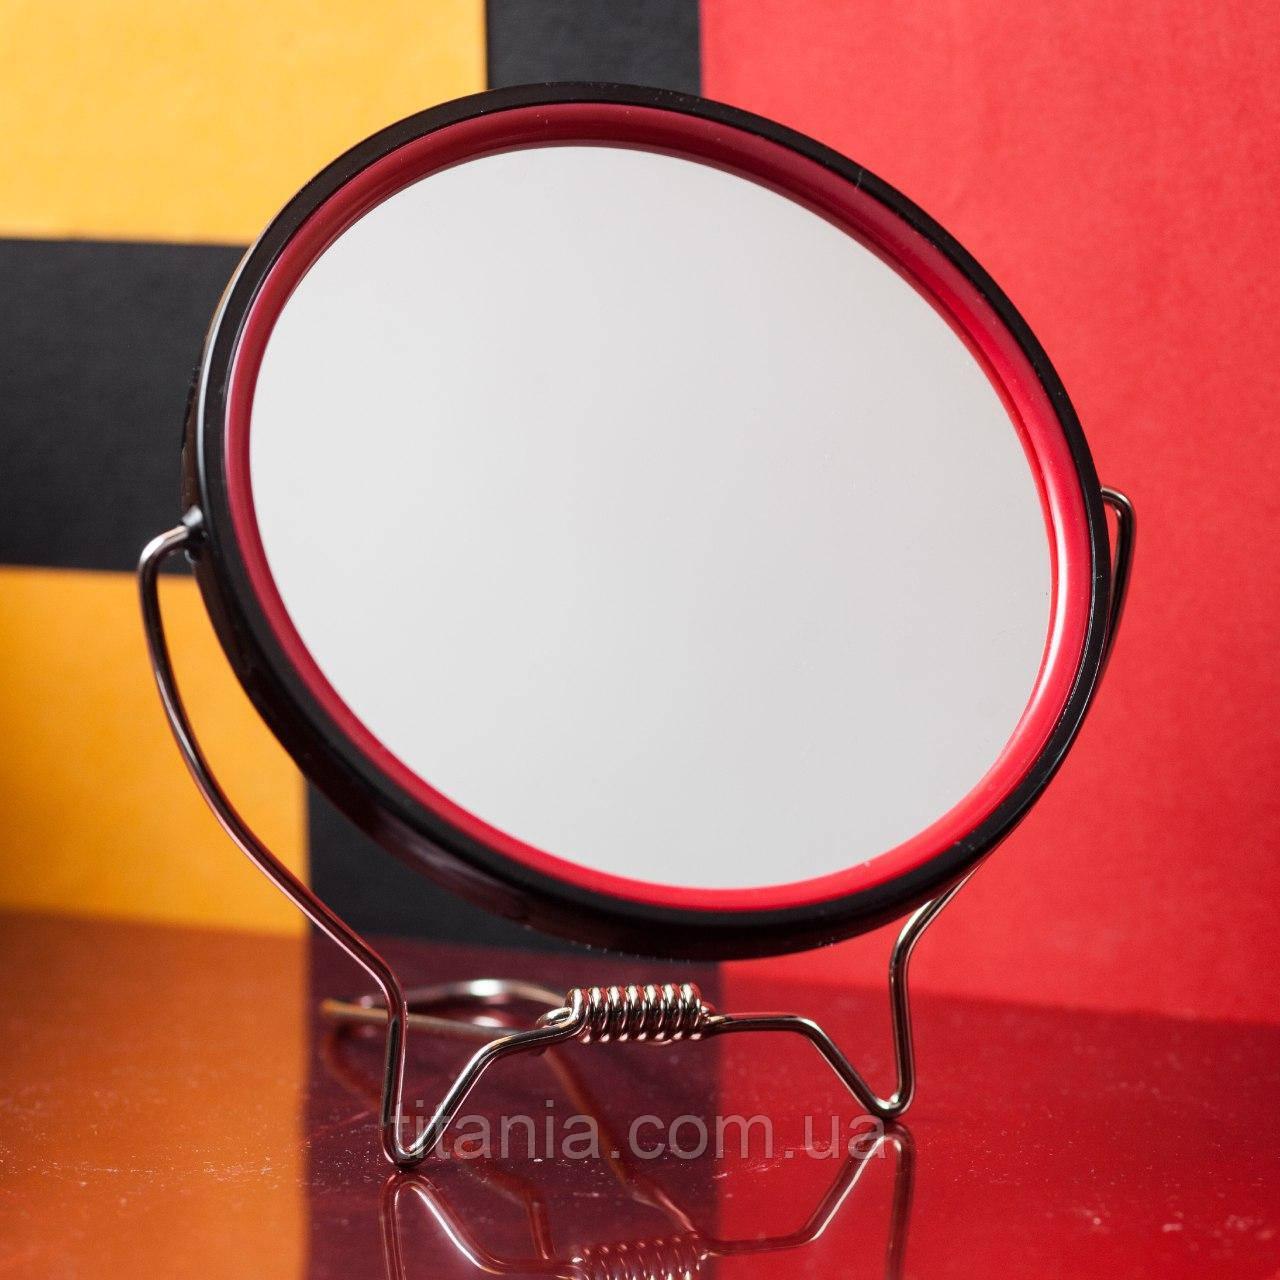 Зеркало косметическое круглое для бритья двустороннее с увеличением х2 на подставке TITANIA art.1500/MEN